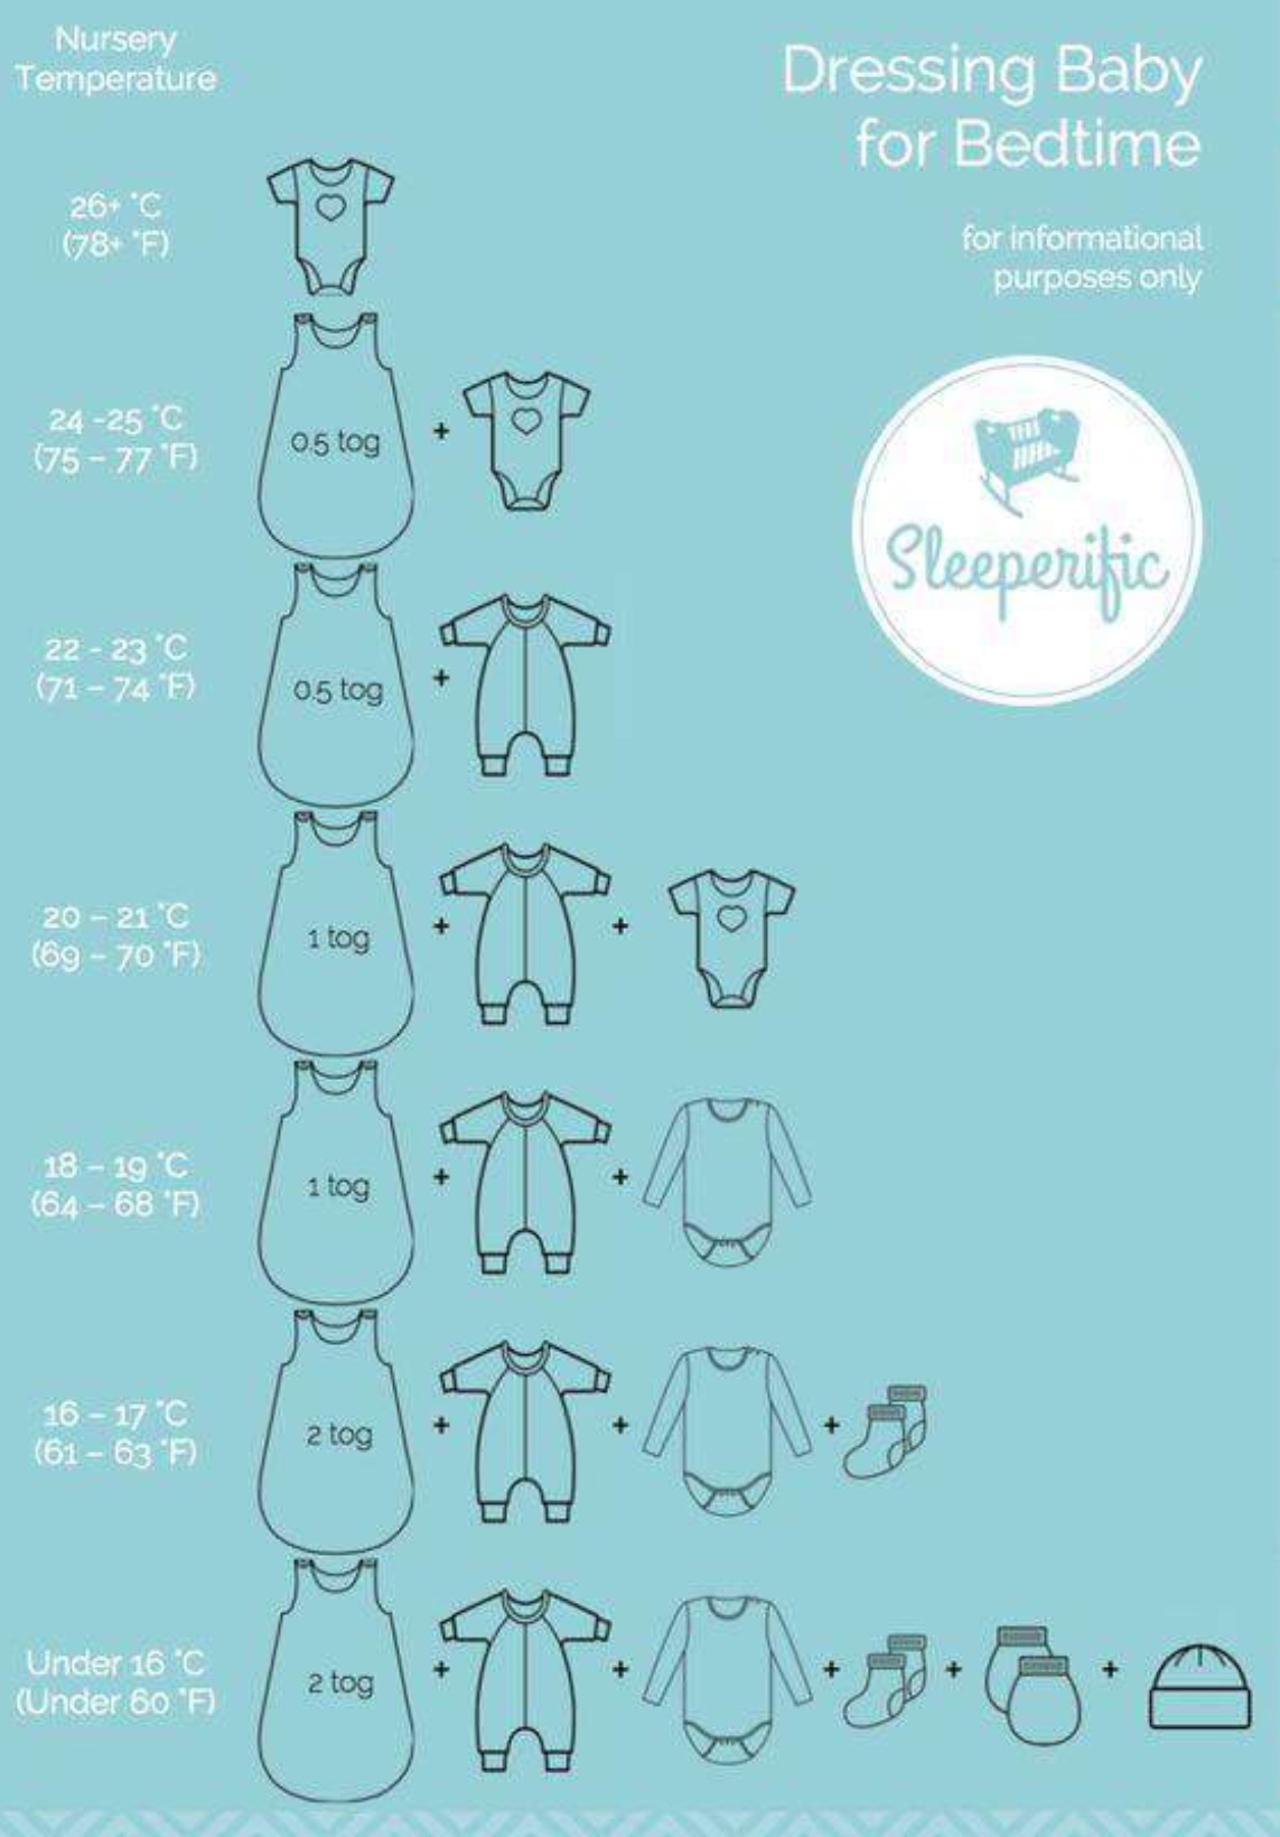 Juli Baby: Schlafanzug, Schlafsack, beides?? | Seite 1 | Forum ...